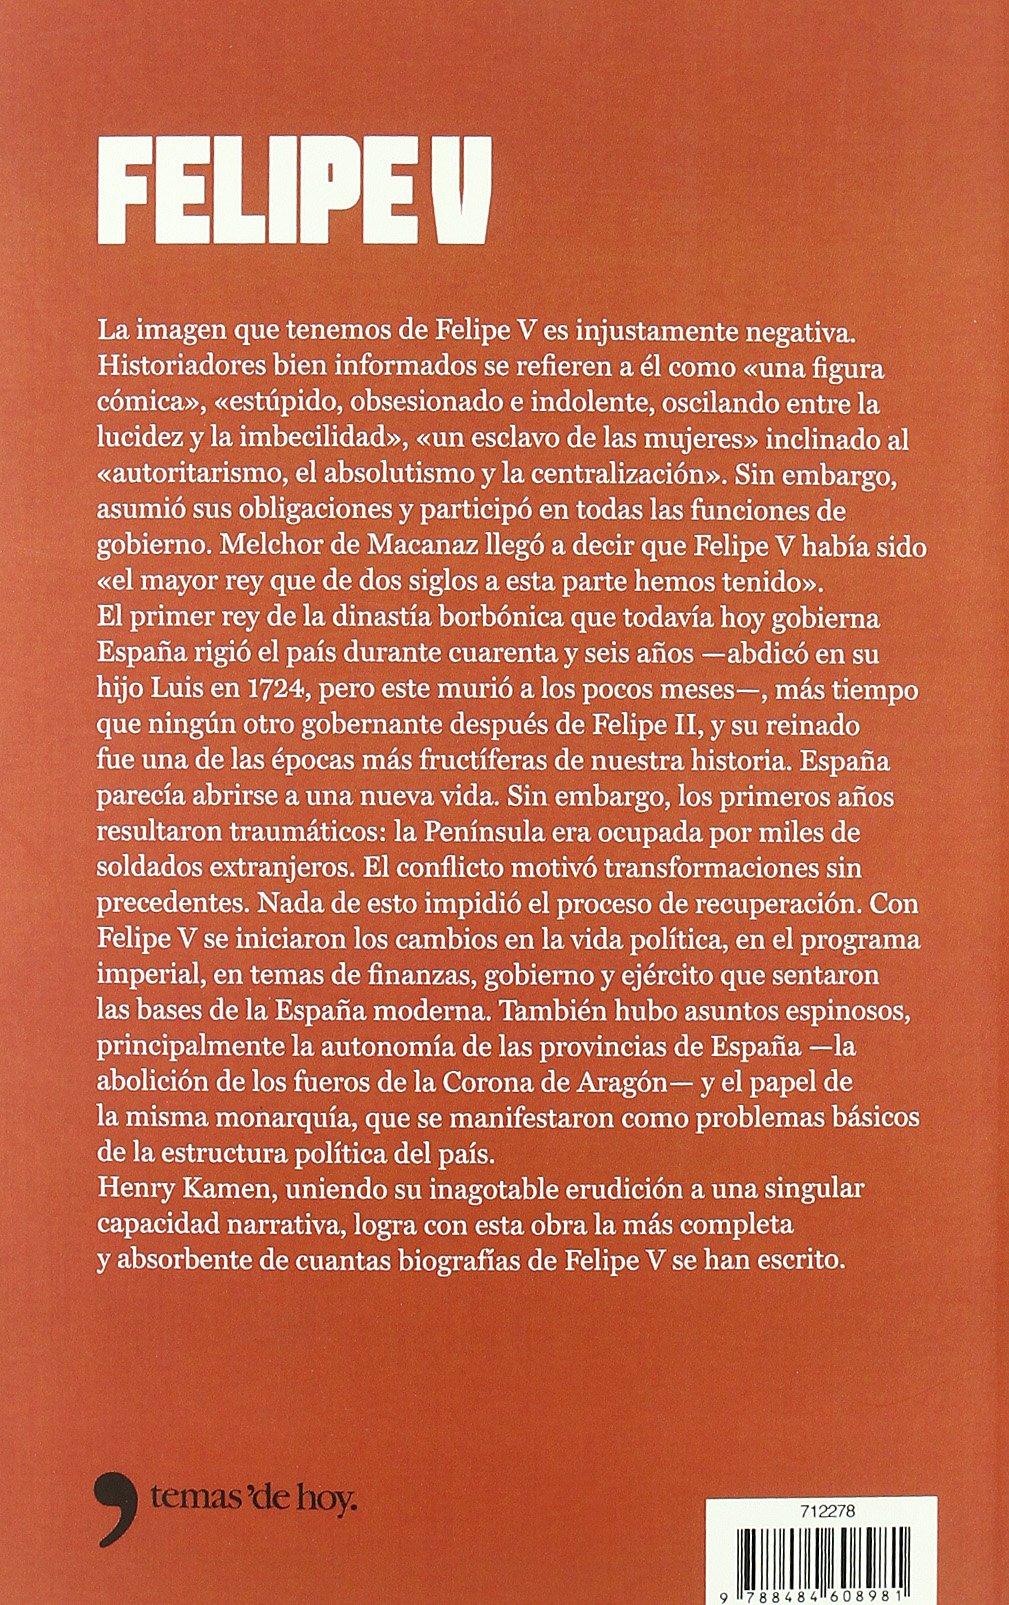 Felipe V: El rey que reinó dos veces (Historia): Amazon.es: Kamen, Henry, Vilà Palomar, Eulàlia: Libros